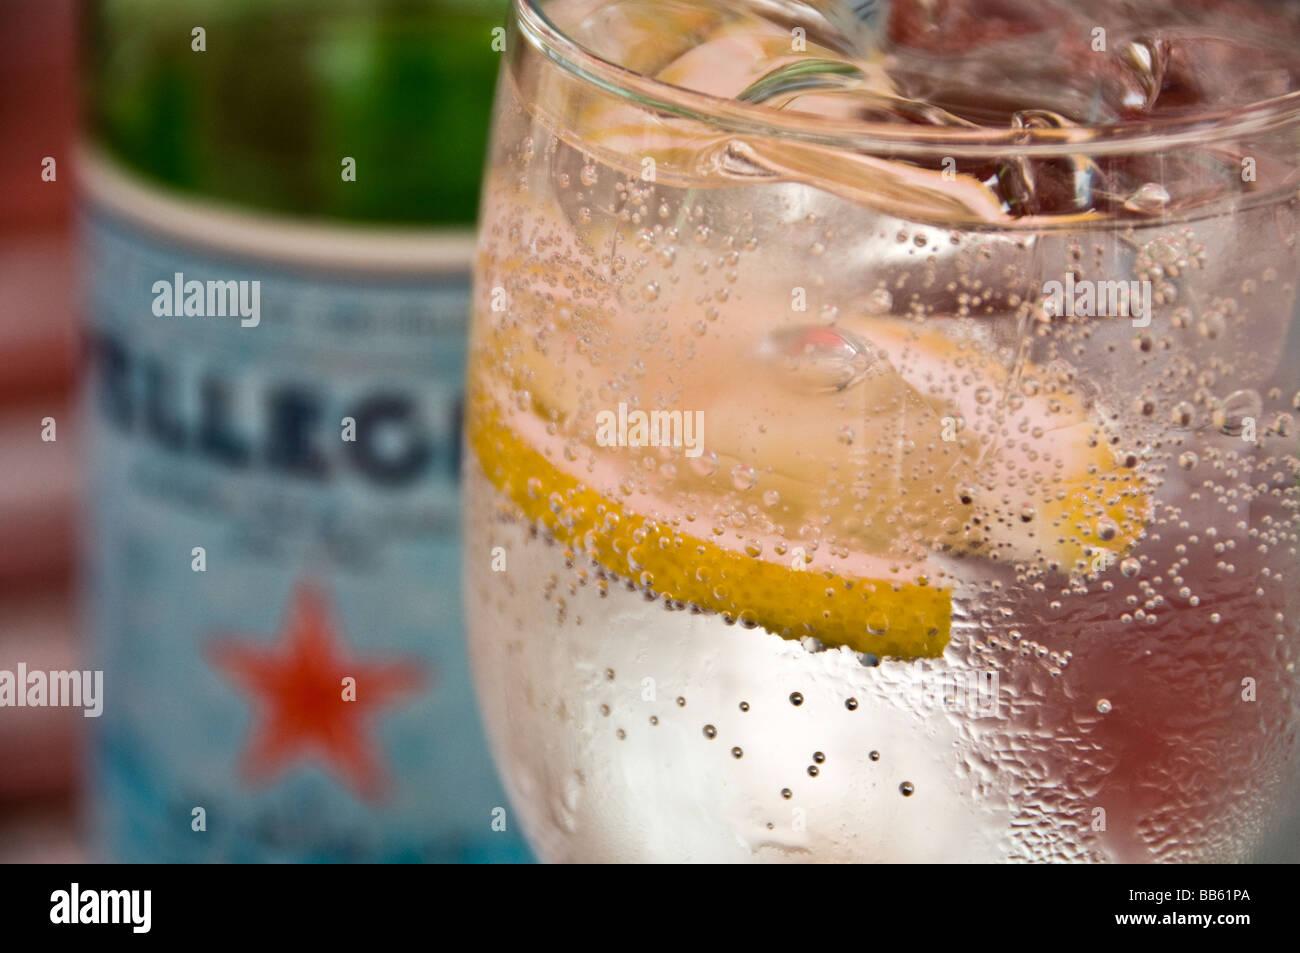 Acqua minerale in un bicchiere con ghiaccio e limone Immagini Stock